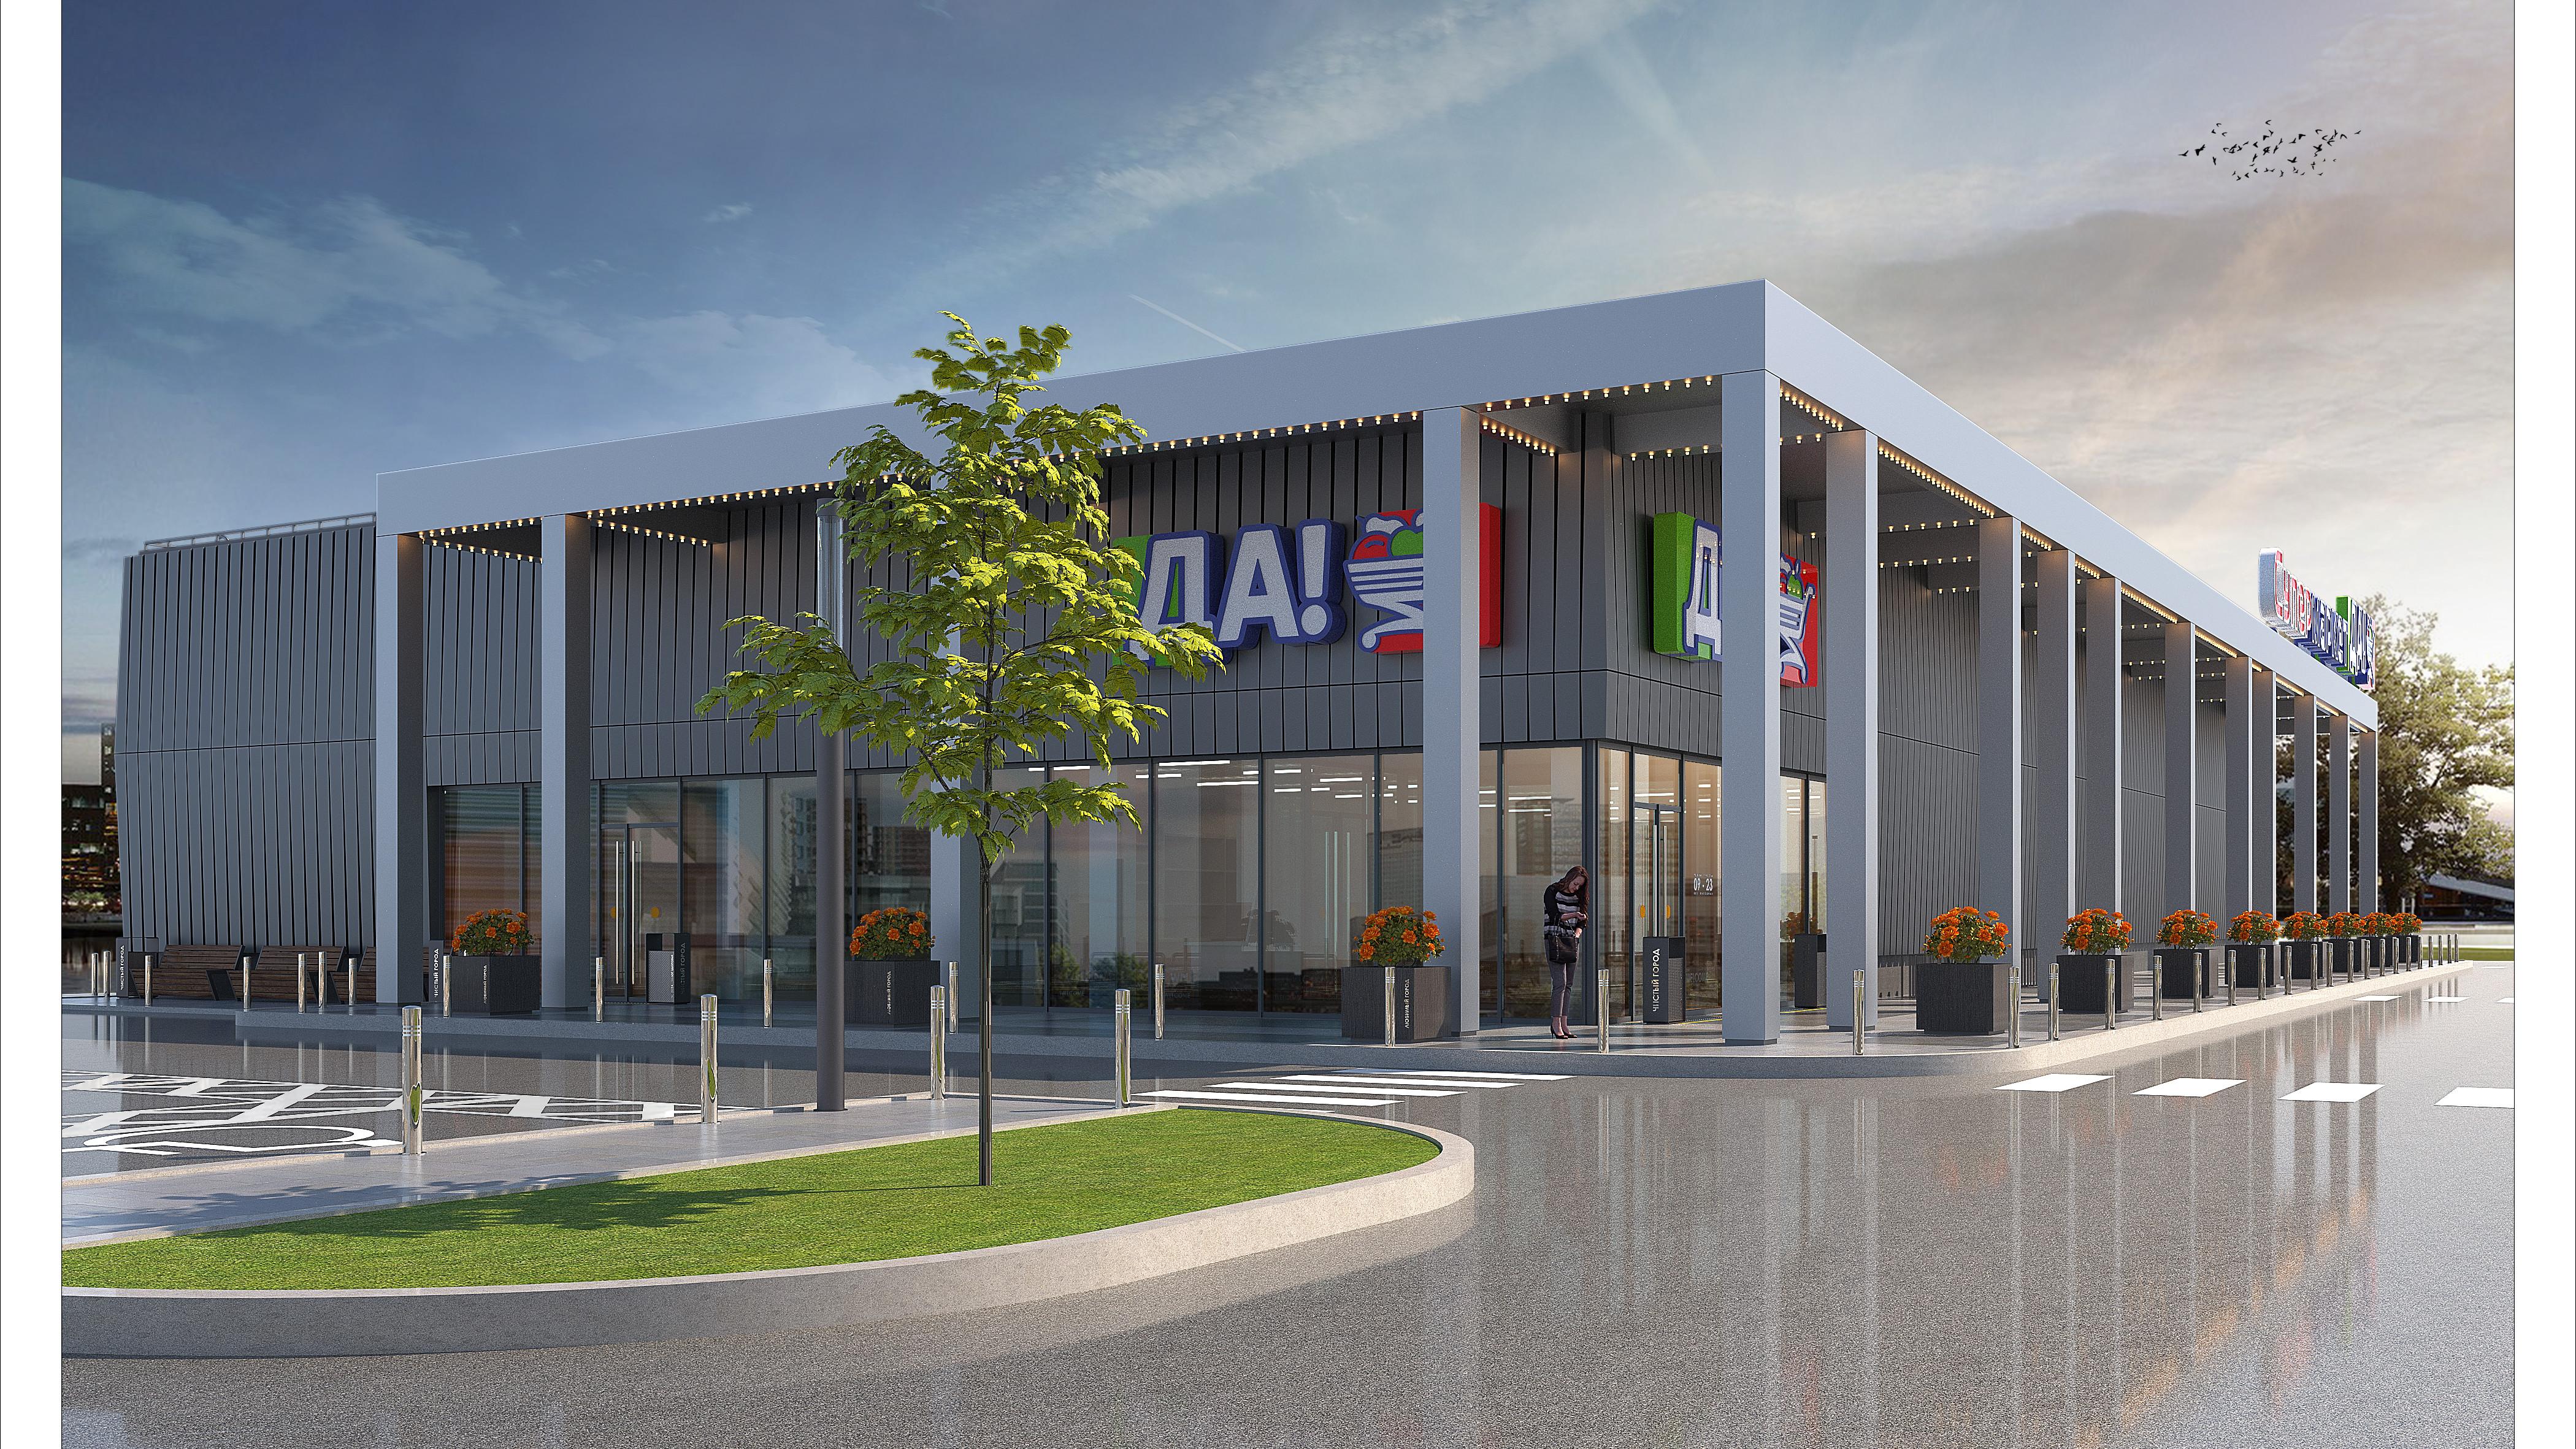 Мособлархитектура согласовала облик нового торгового объекта в Одинцовском округе